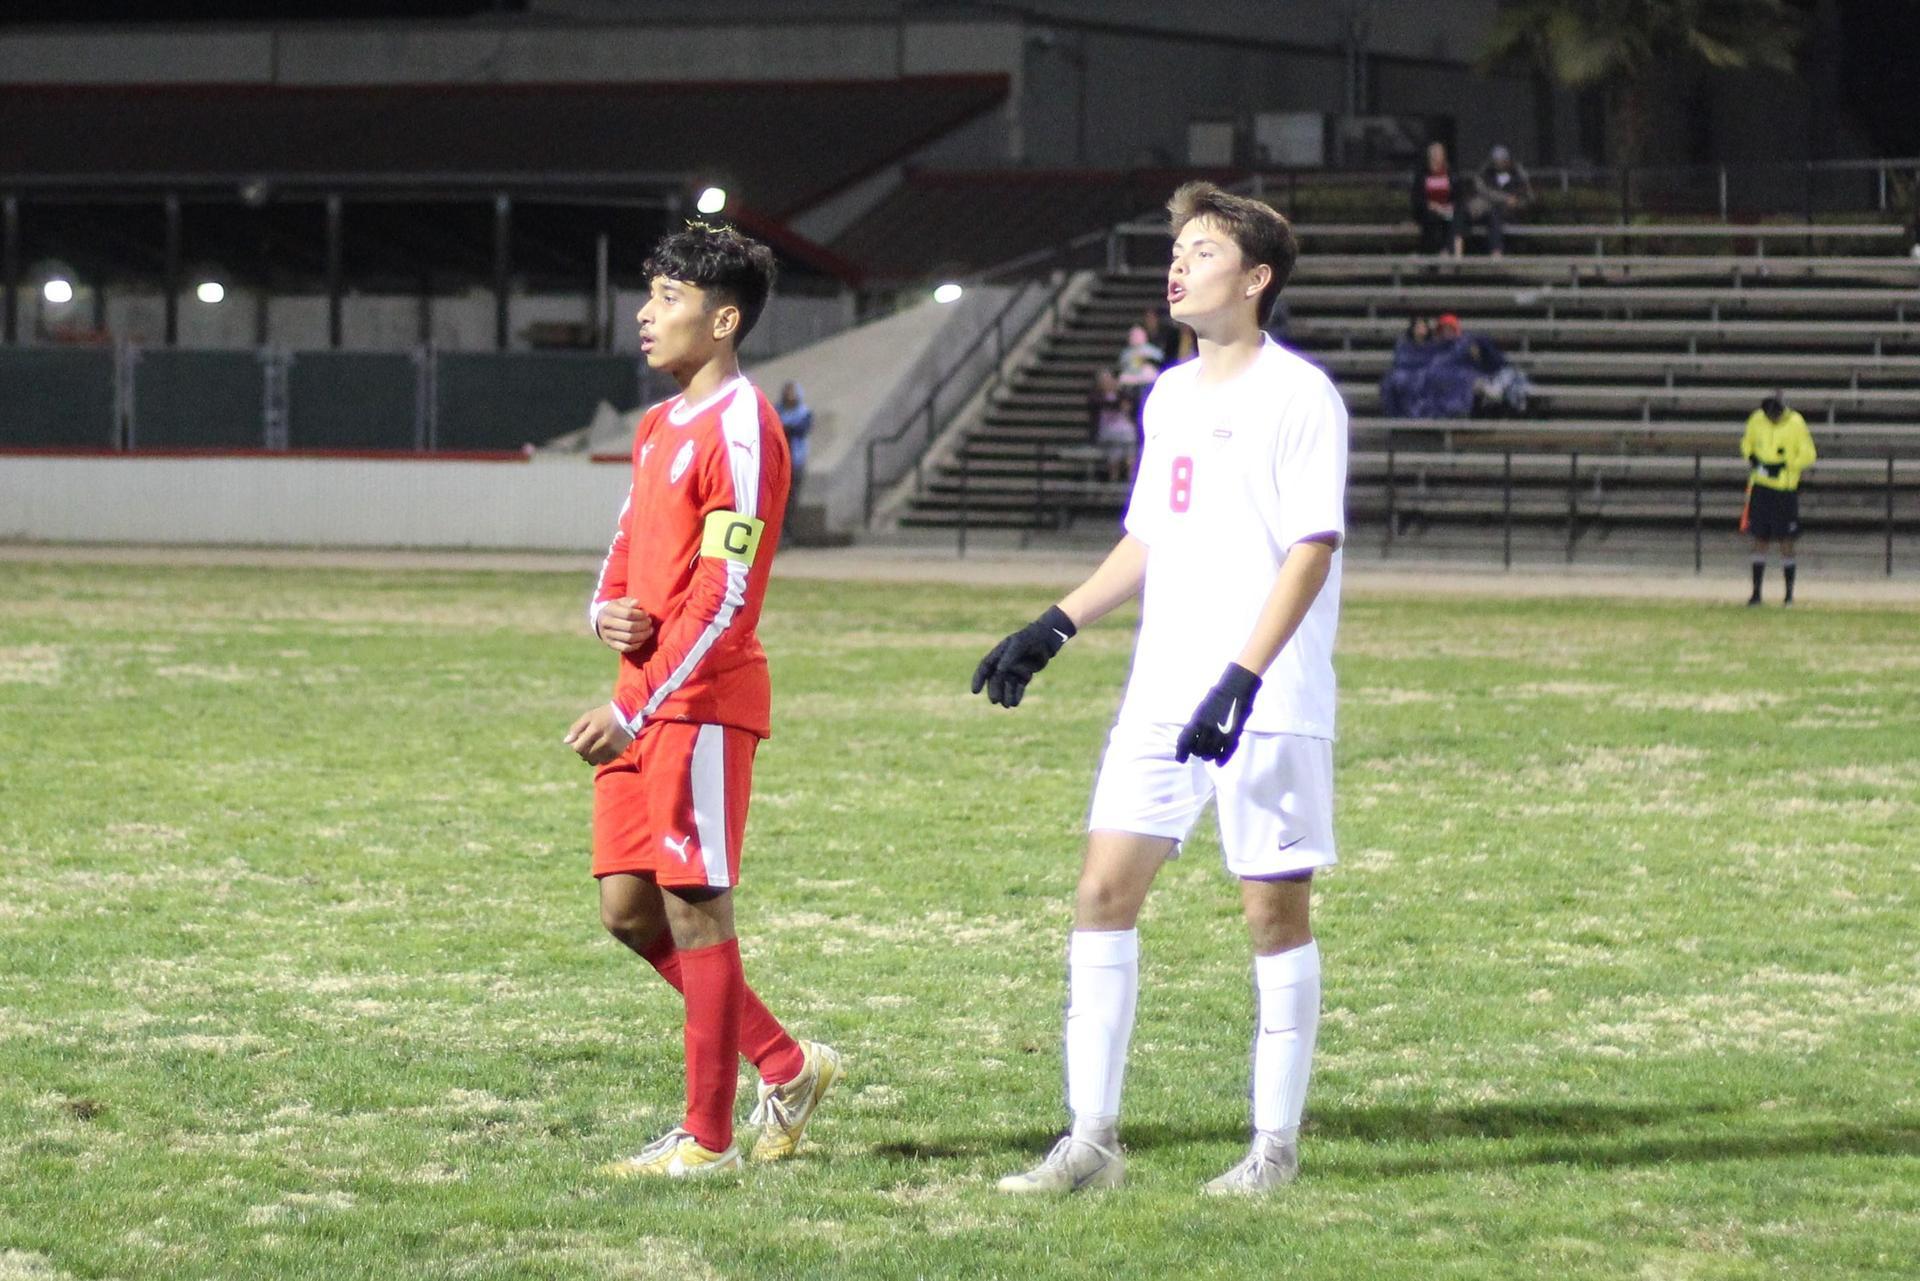 Luis Reyes looking down the field